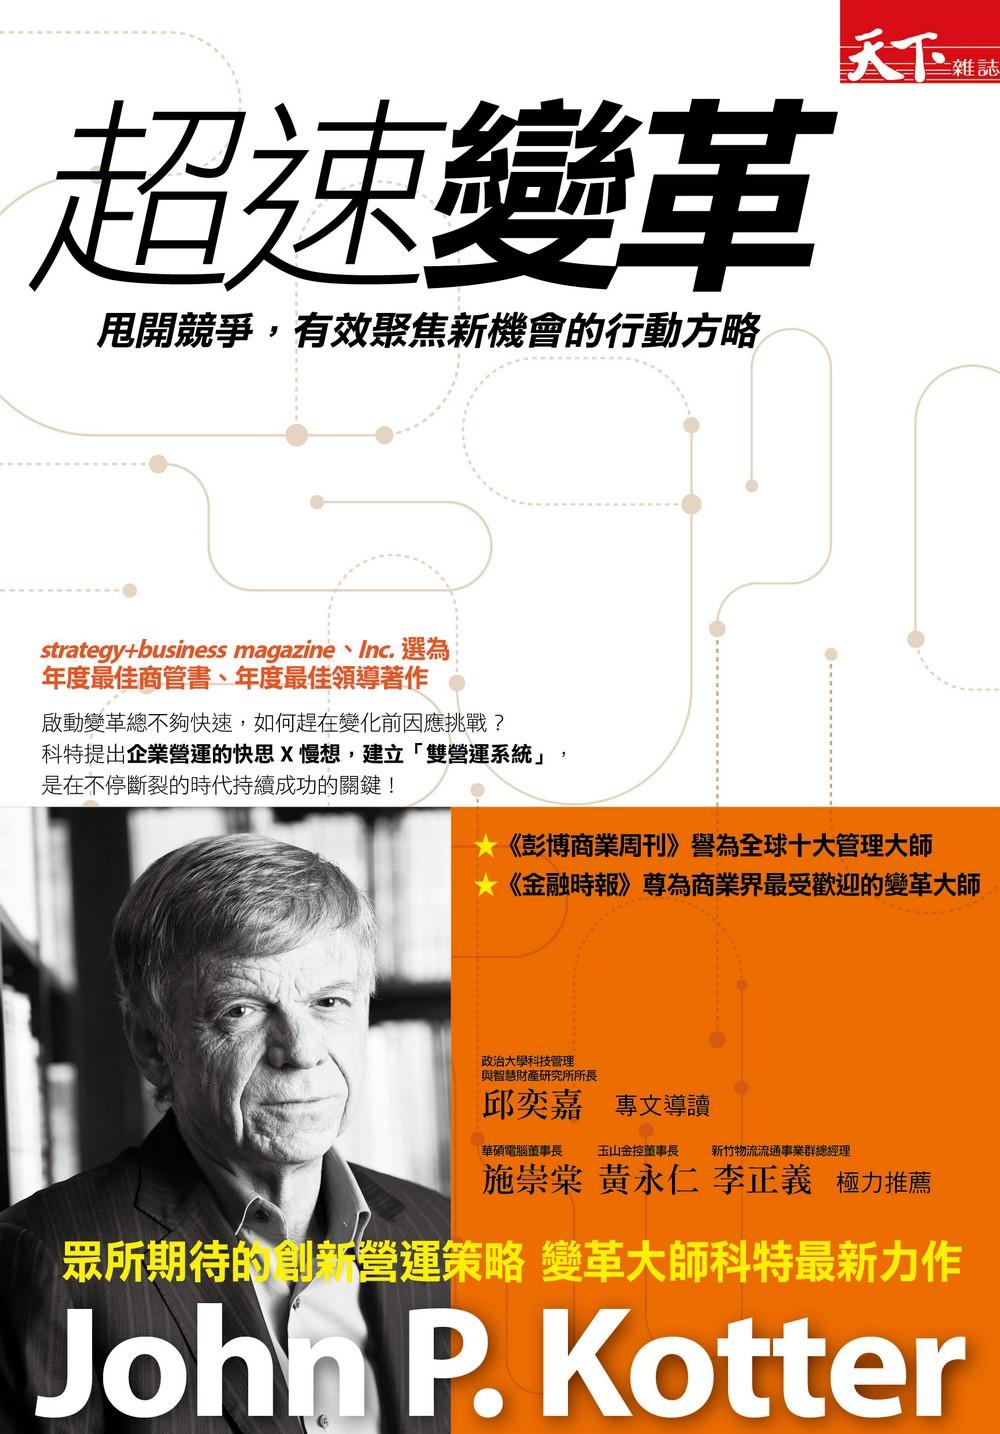 超速變革:甩開競爭,有效聚焦新機會的行動方略 (電子書)